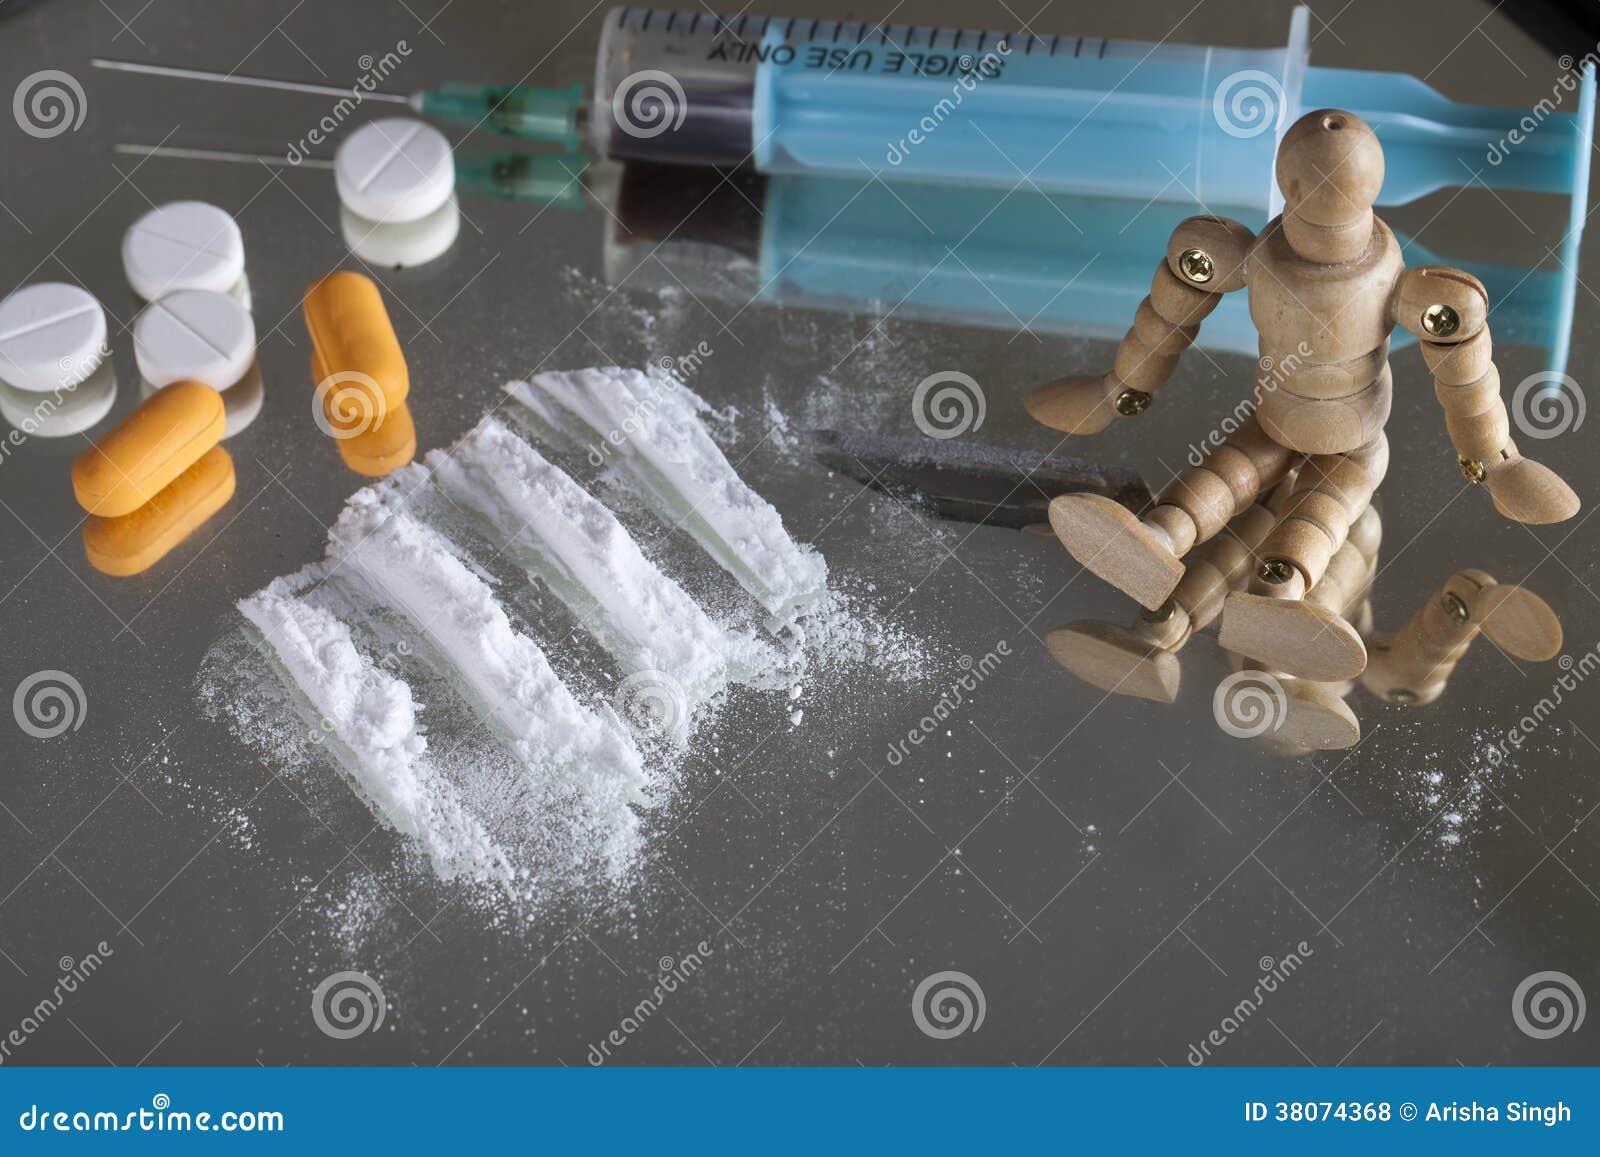 Singoli siringa pillole lama e dipinto di cocaina sullo specchio con la figura umana di legno - La mano sullo specchio ...